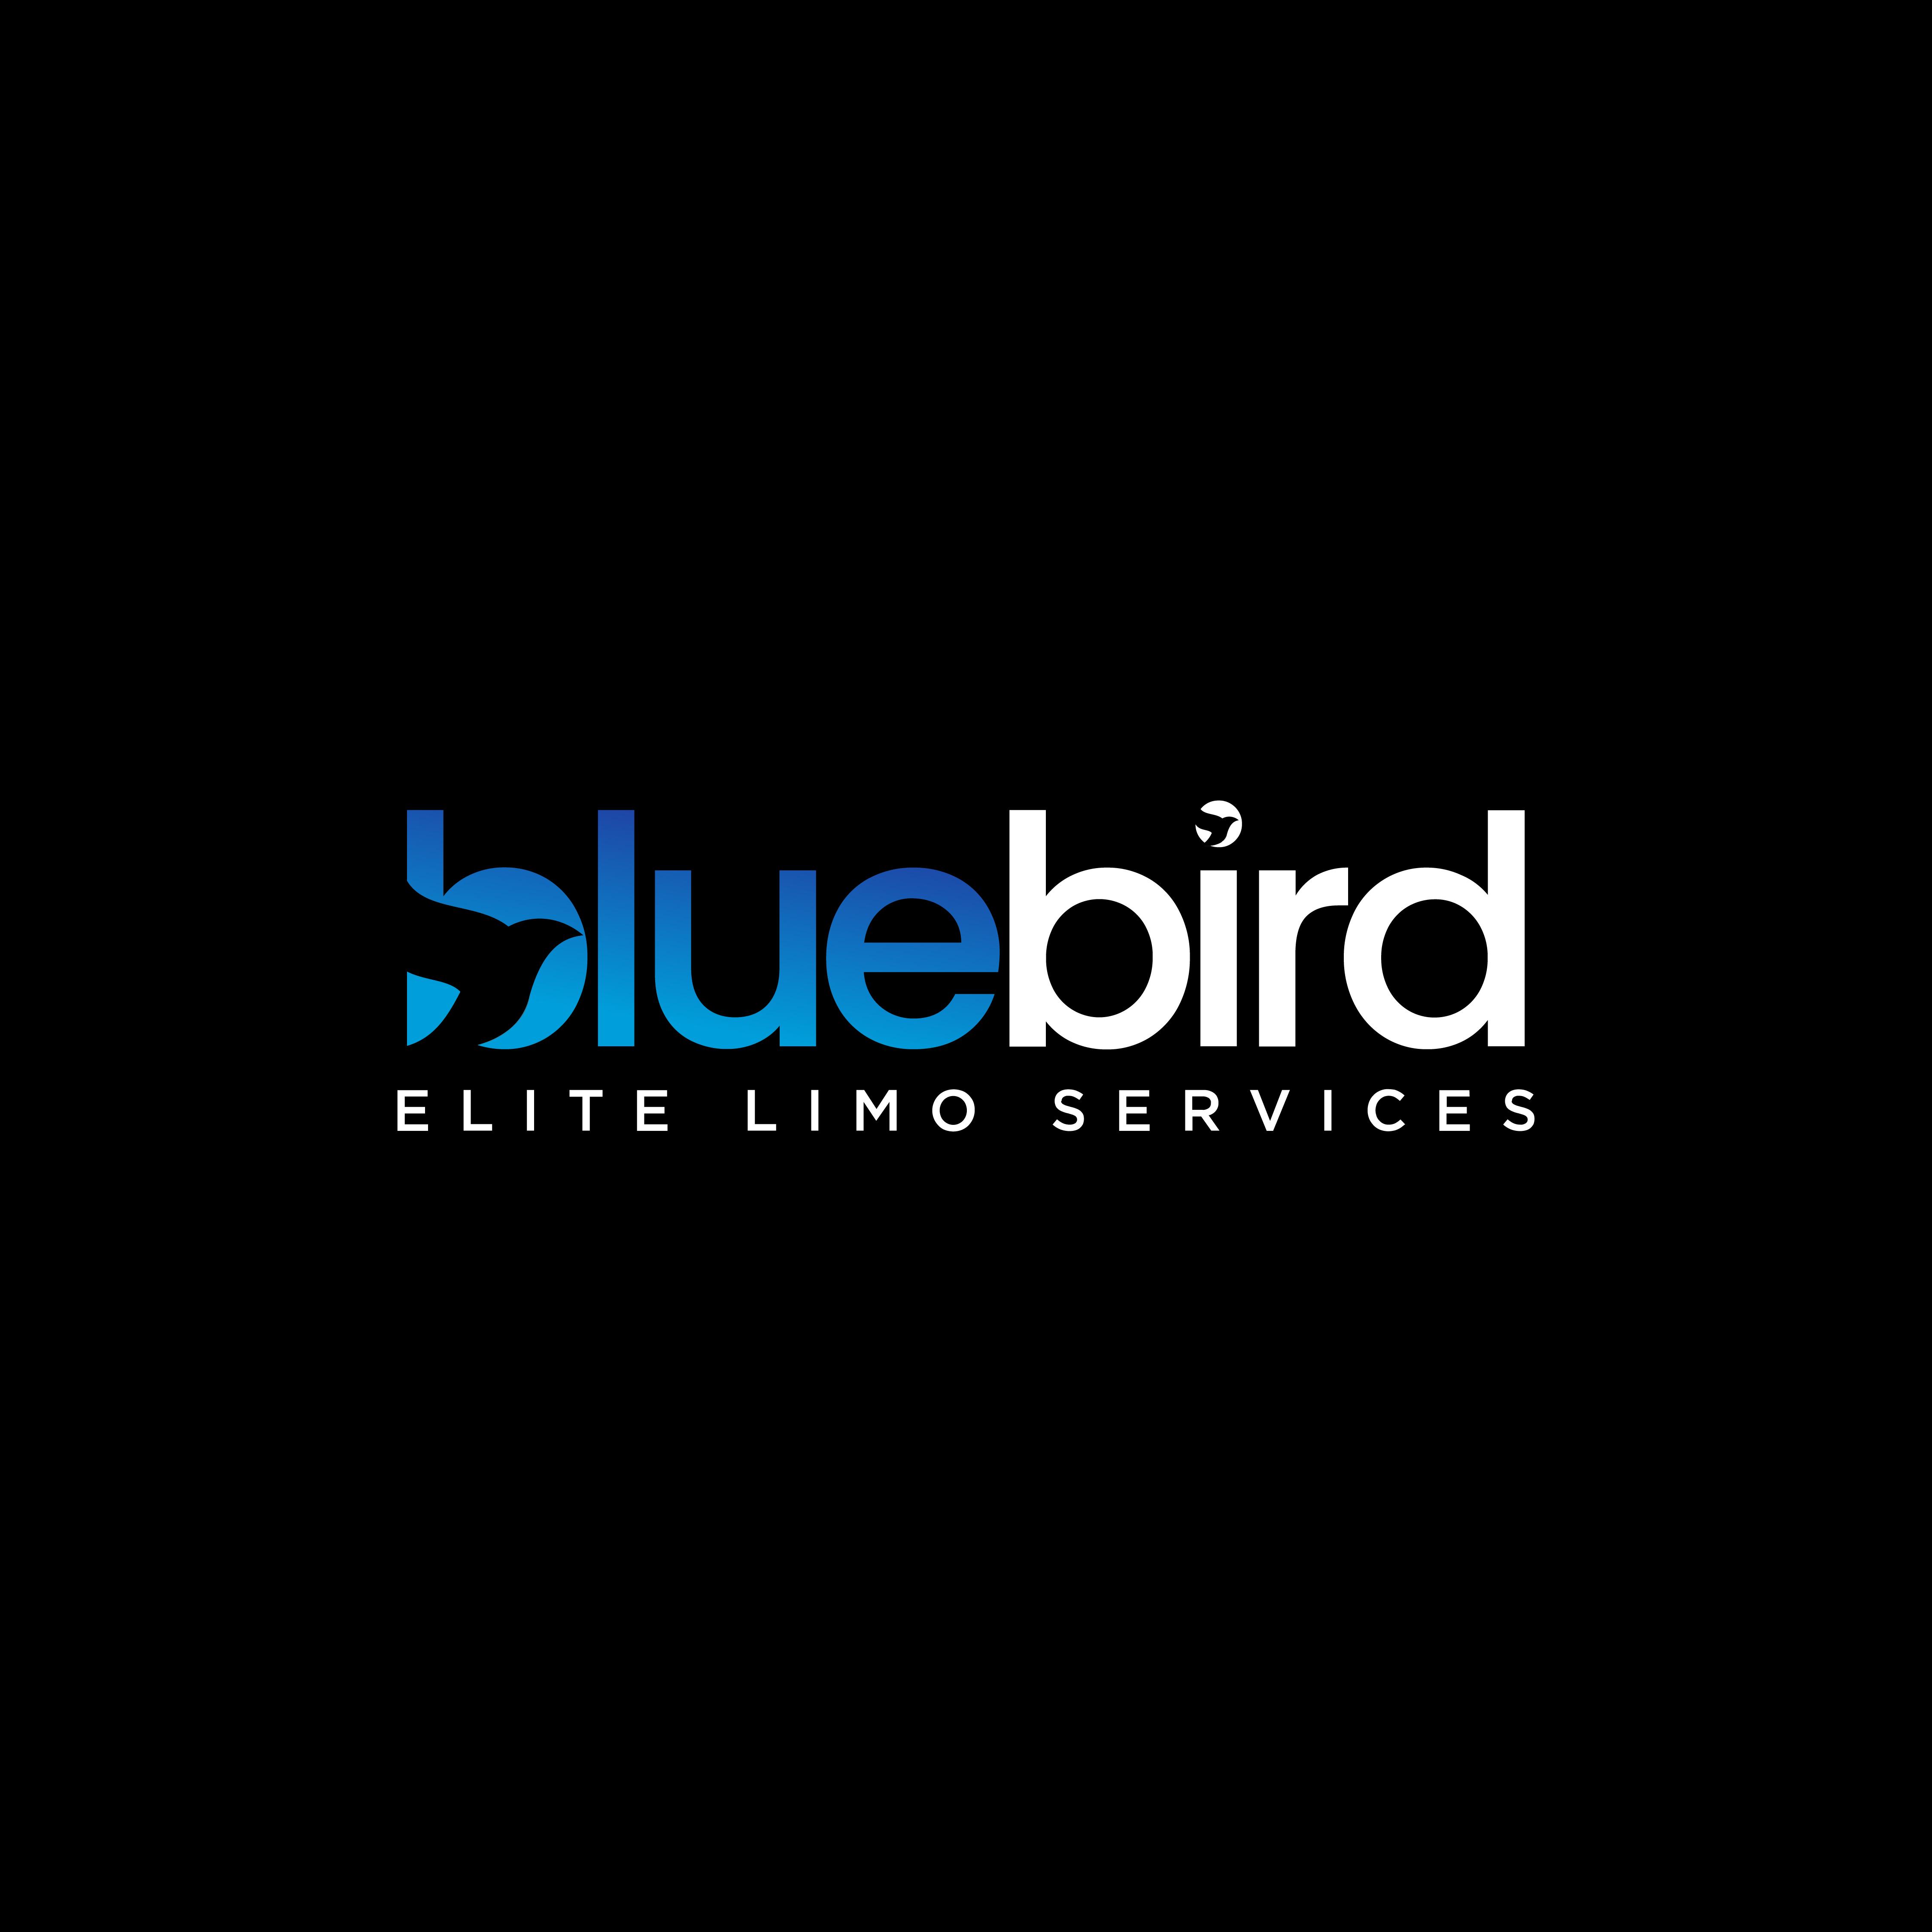 Blue Bird Limollc